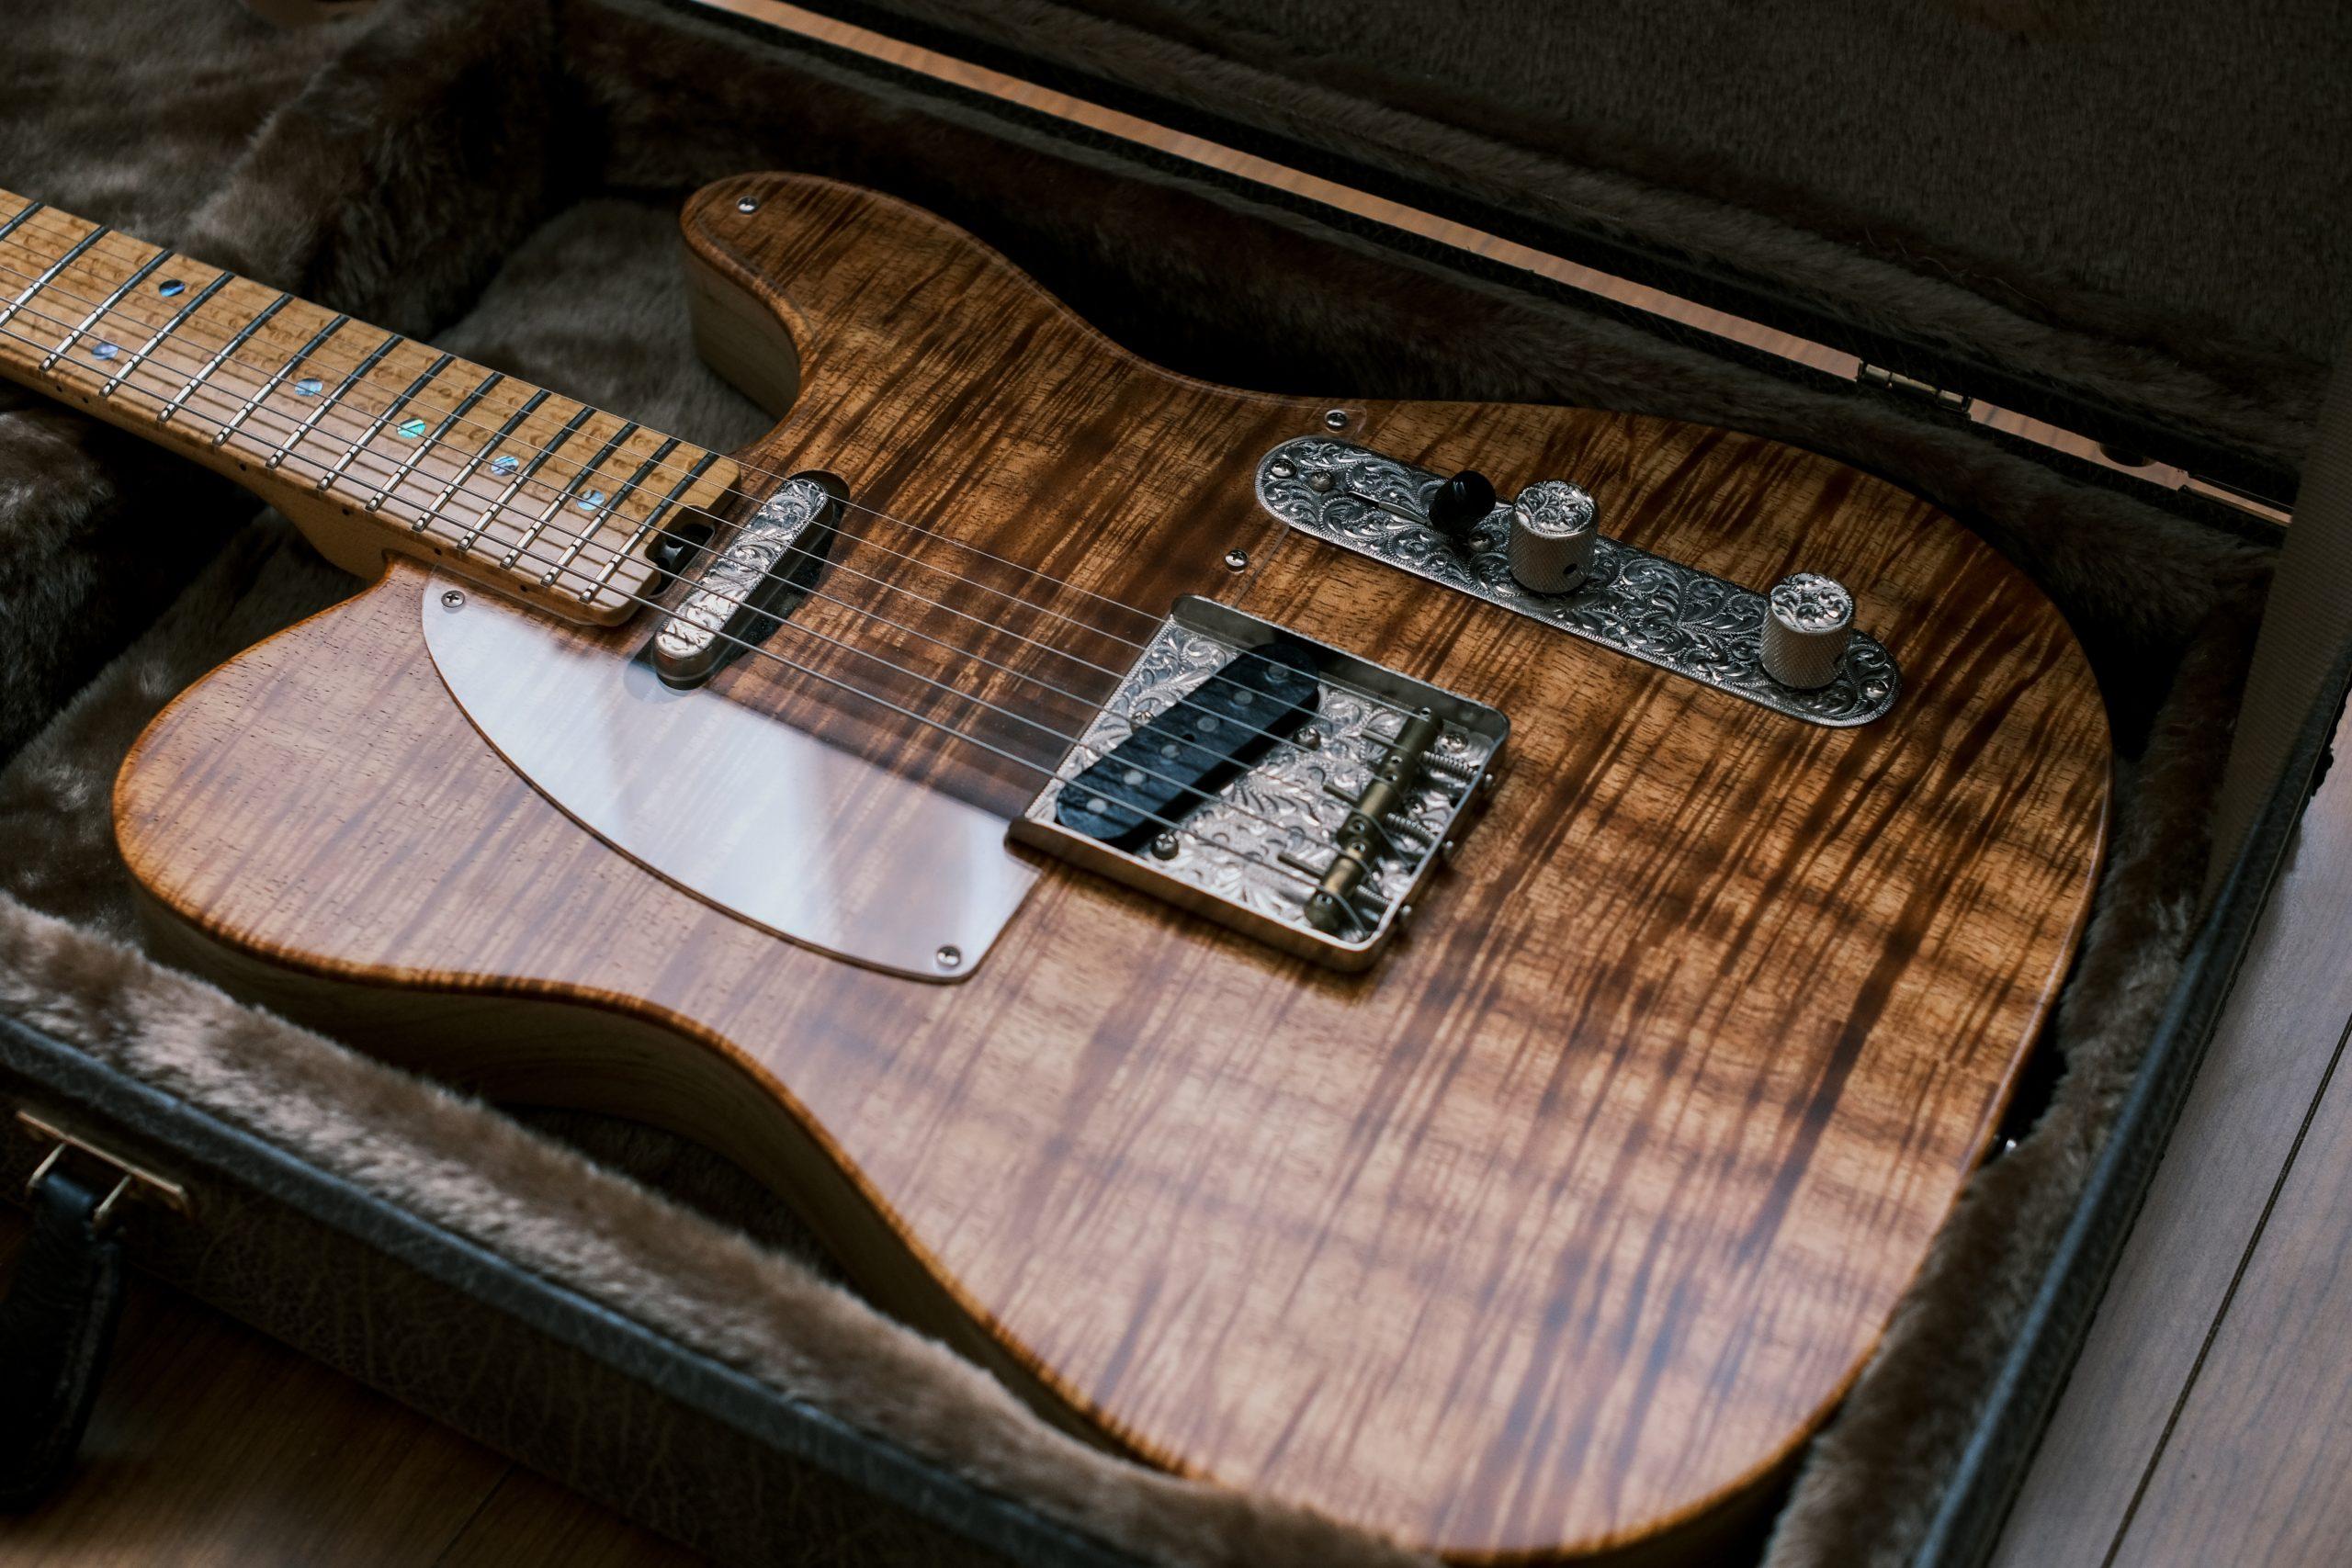 【FUJIFILM】パーツにこだわったギターを撮る